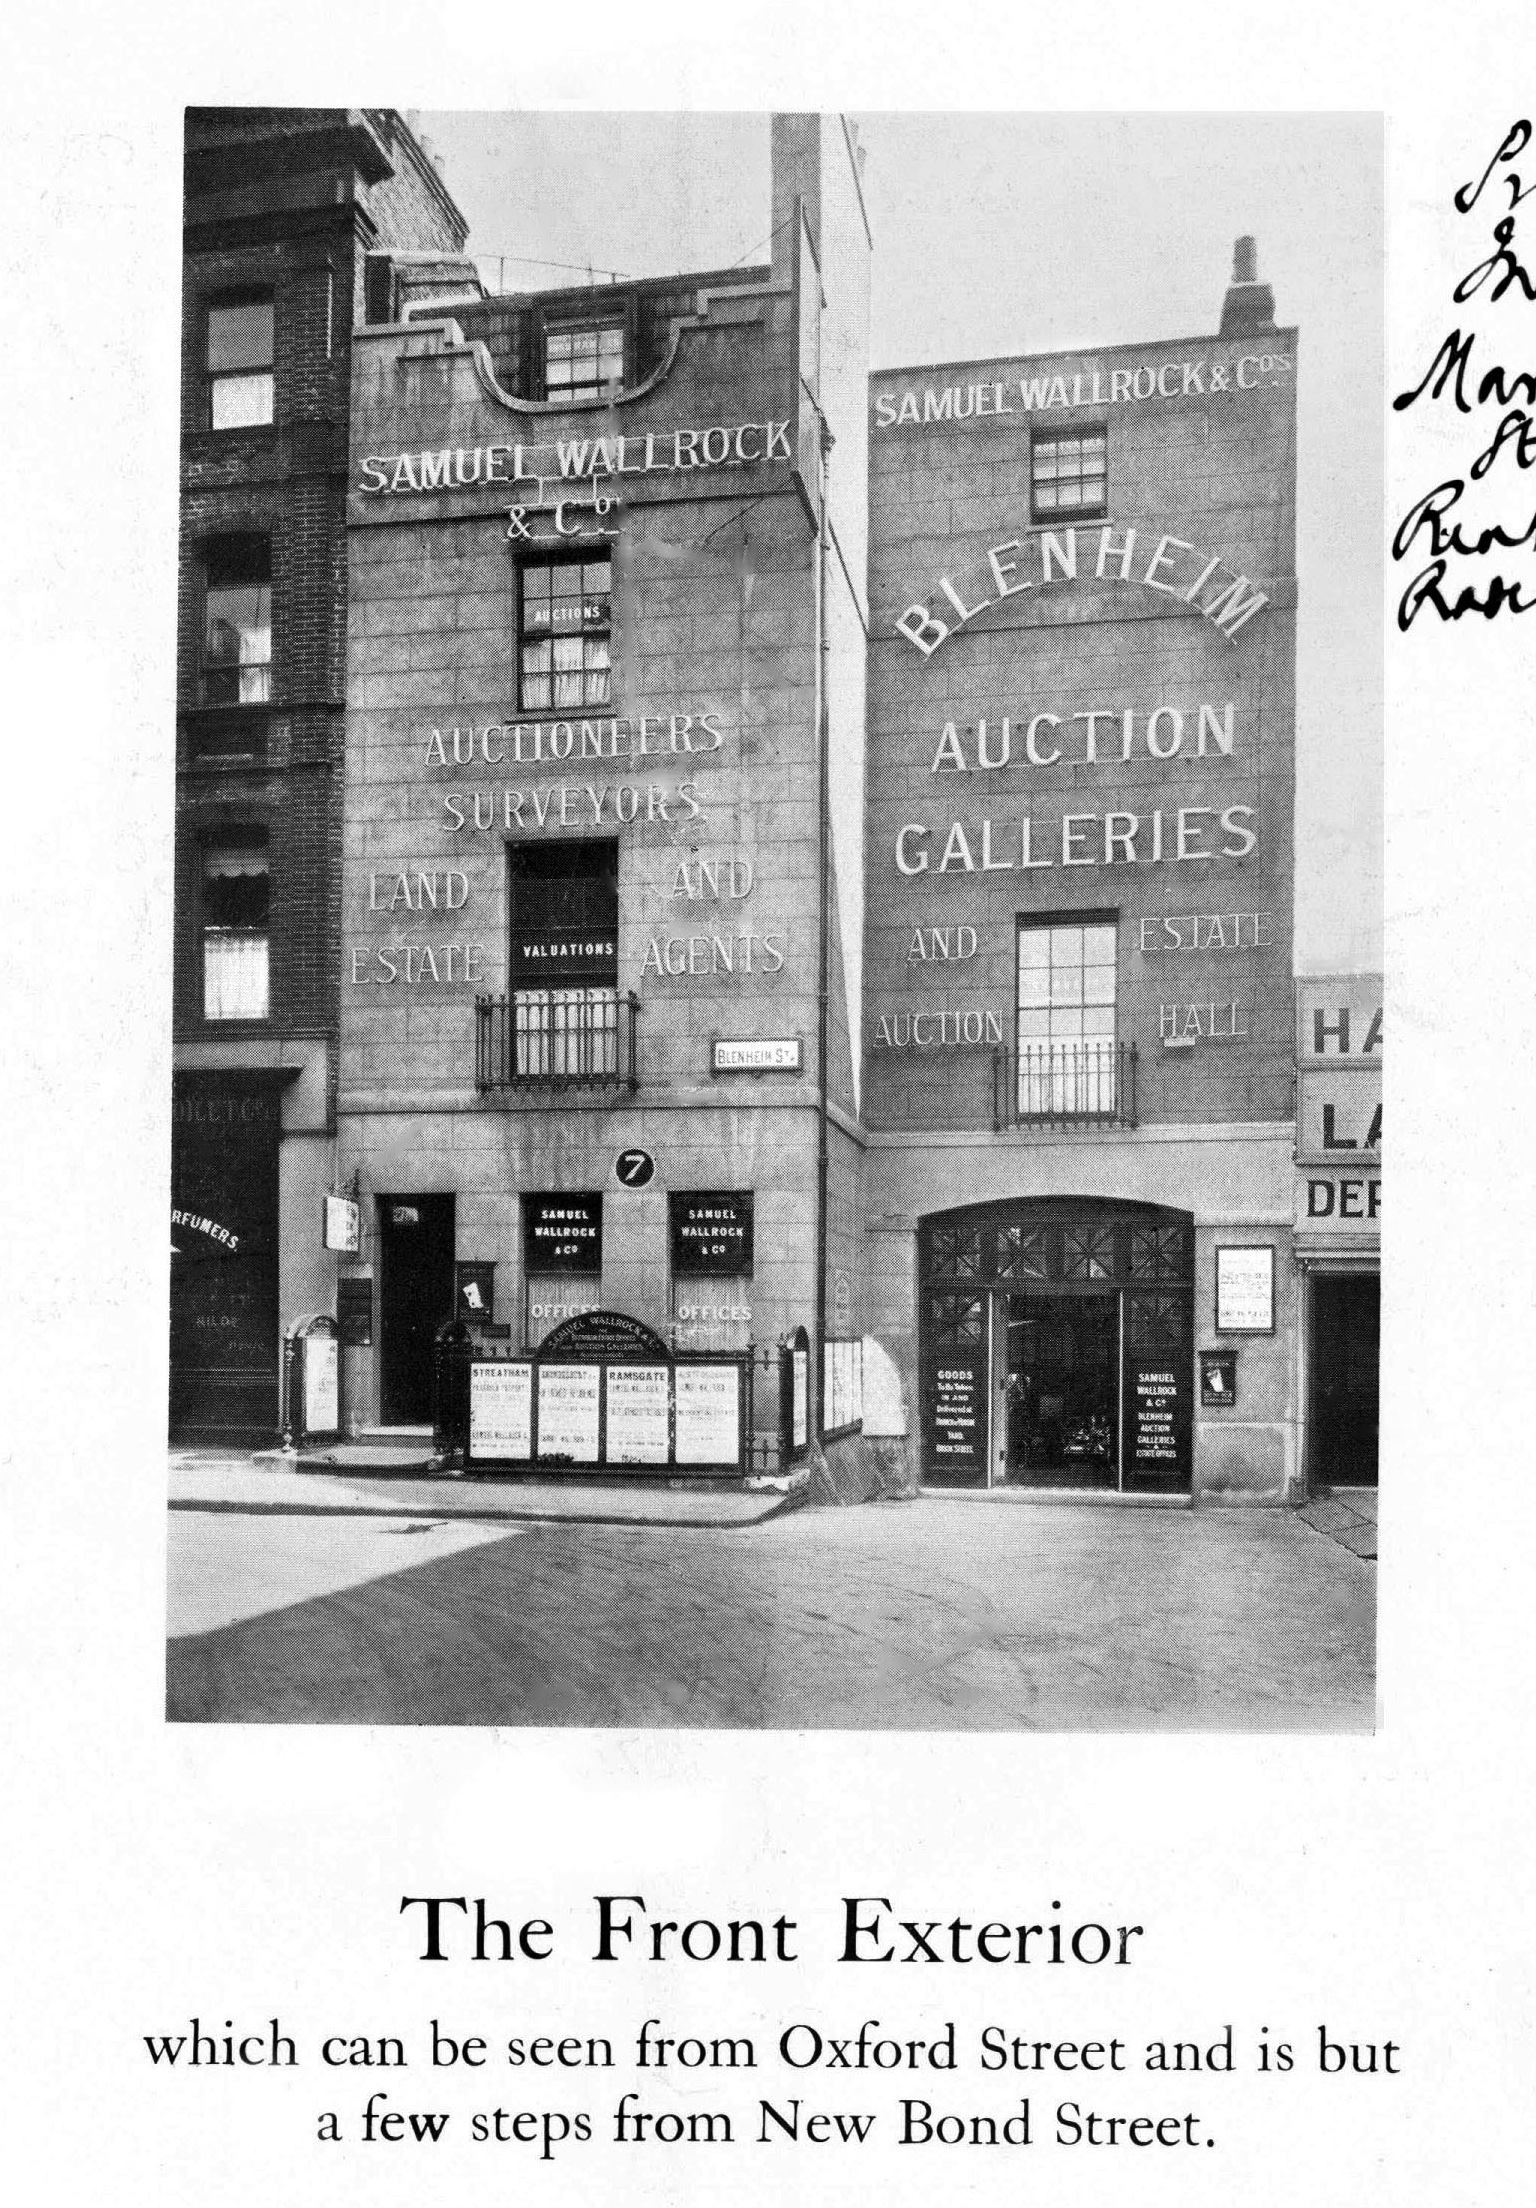 blenhiem auction house